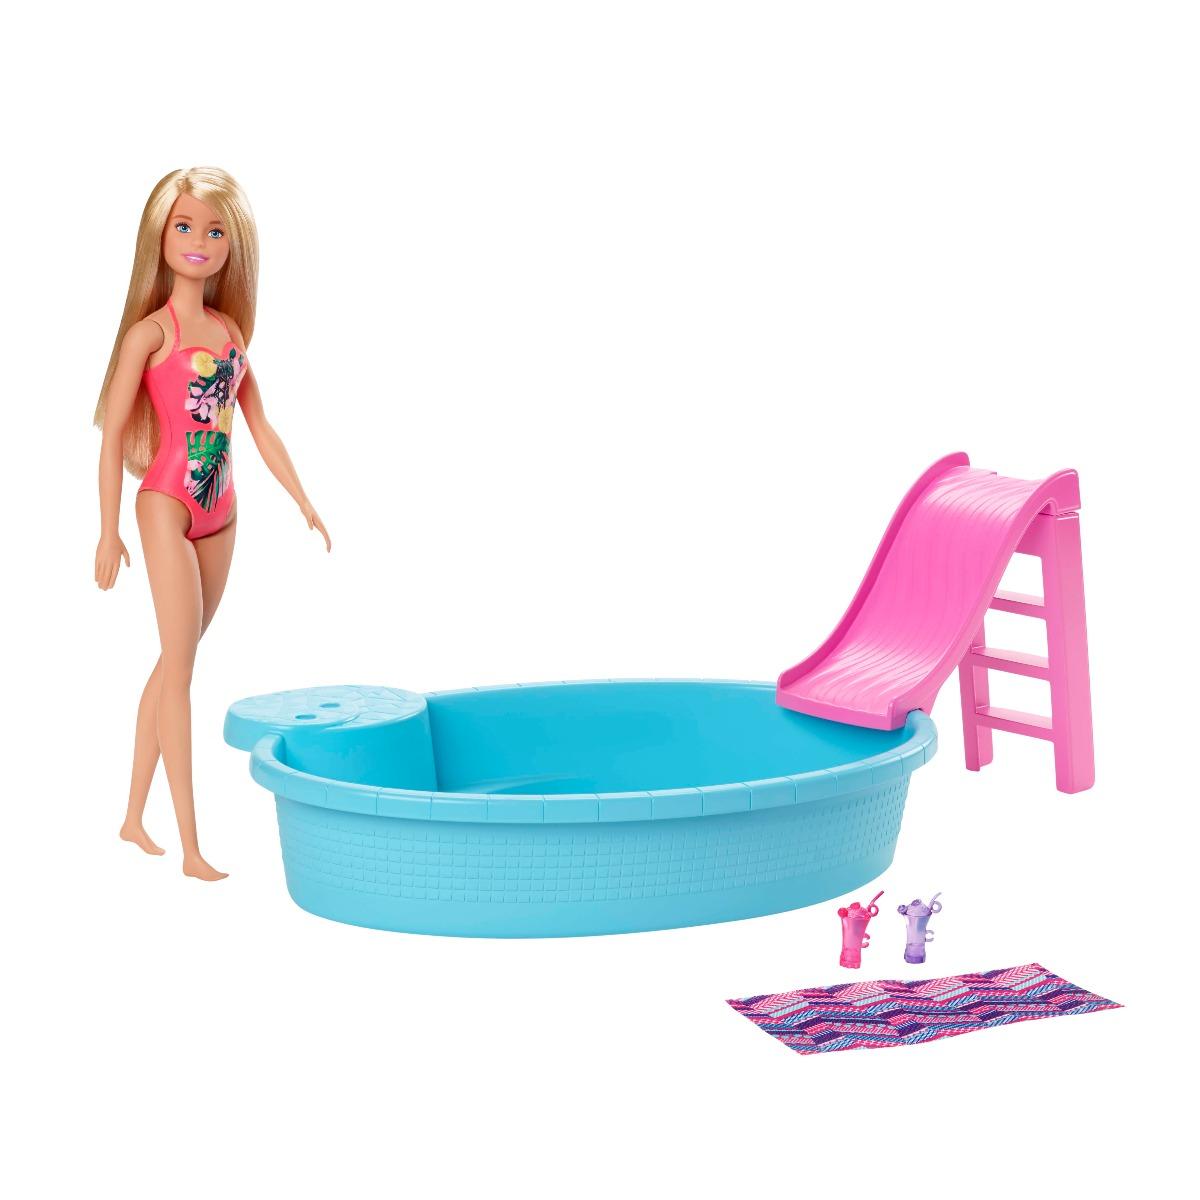 Set de joaca Barbie, Papusa cu piscina